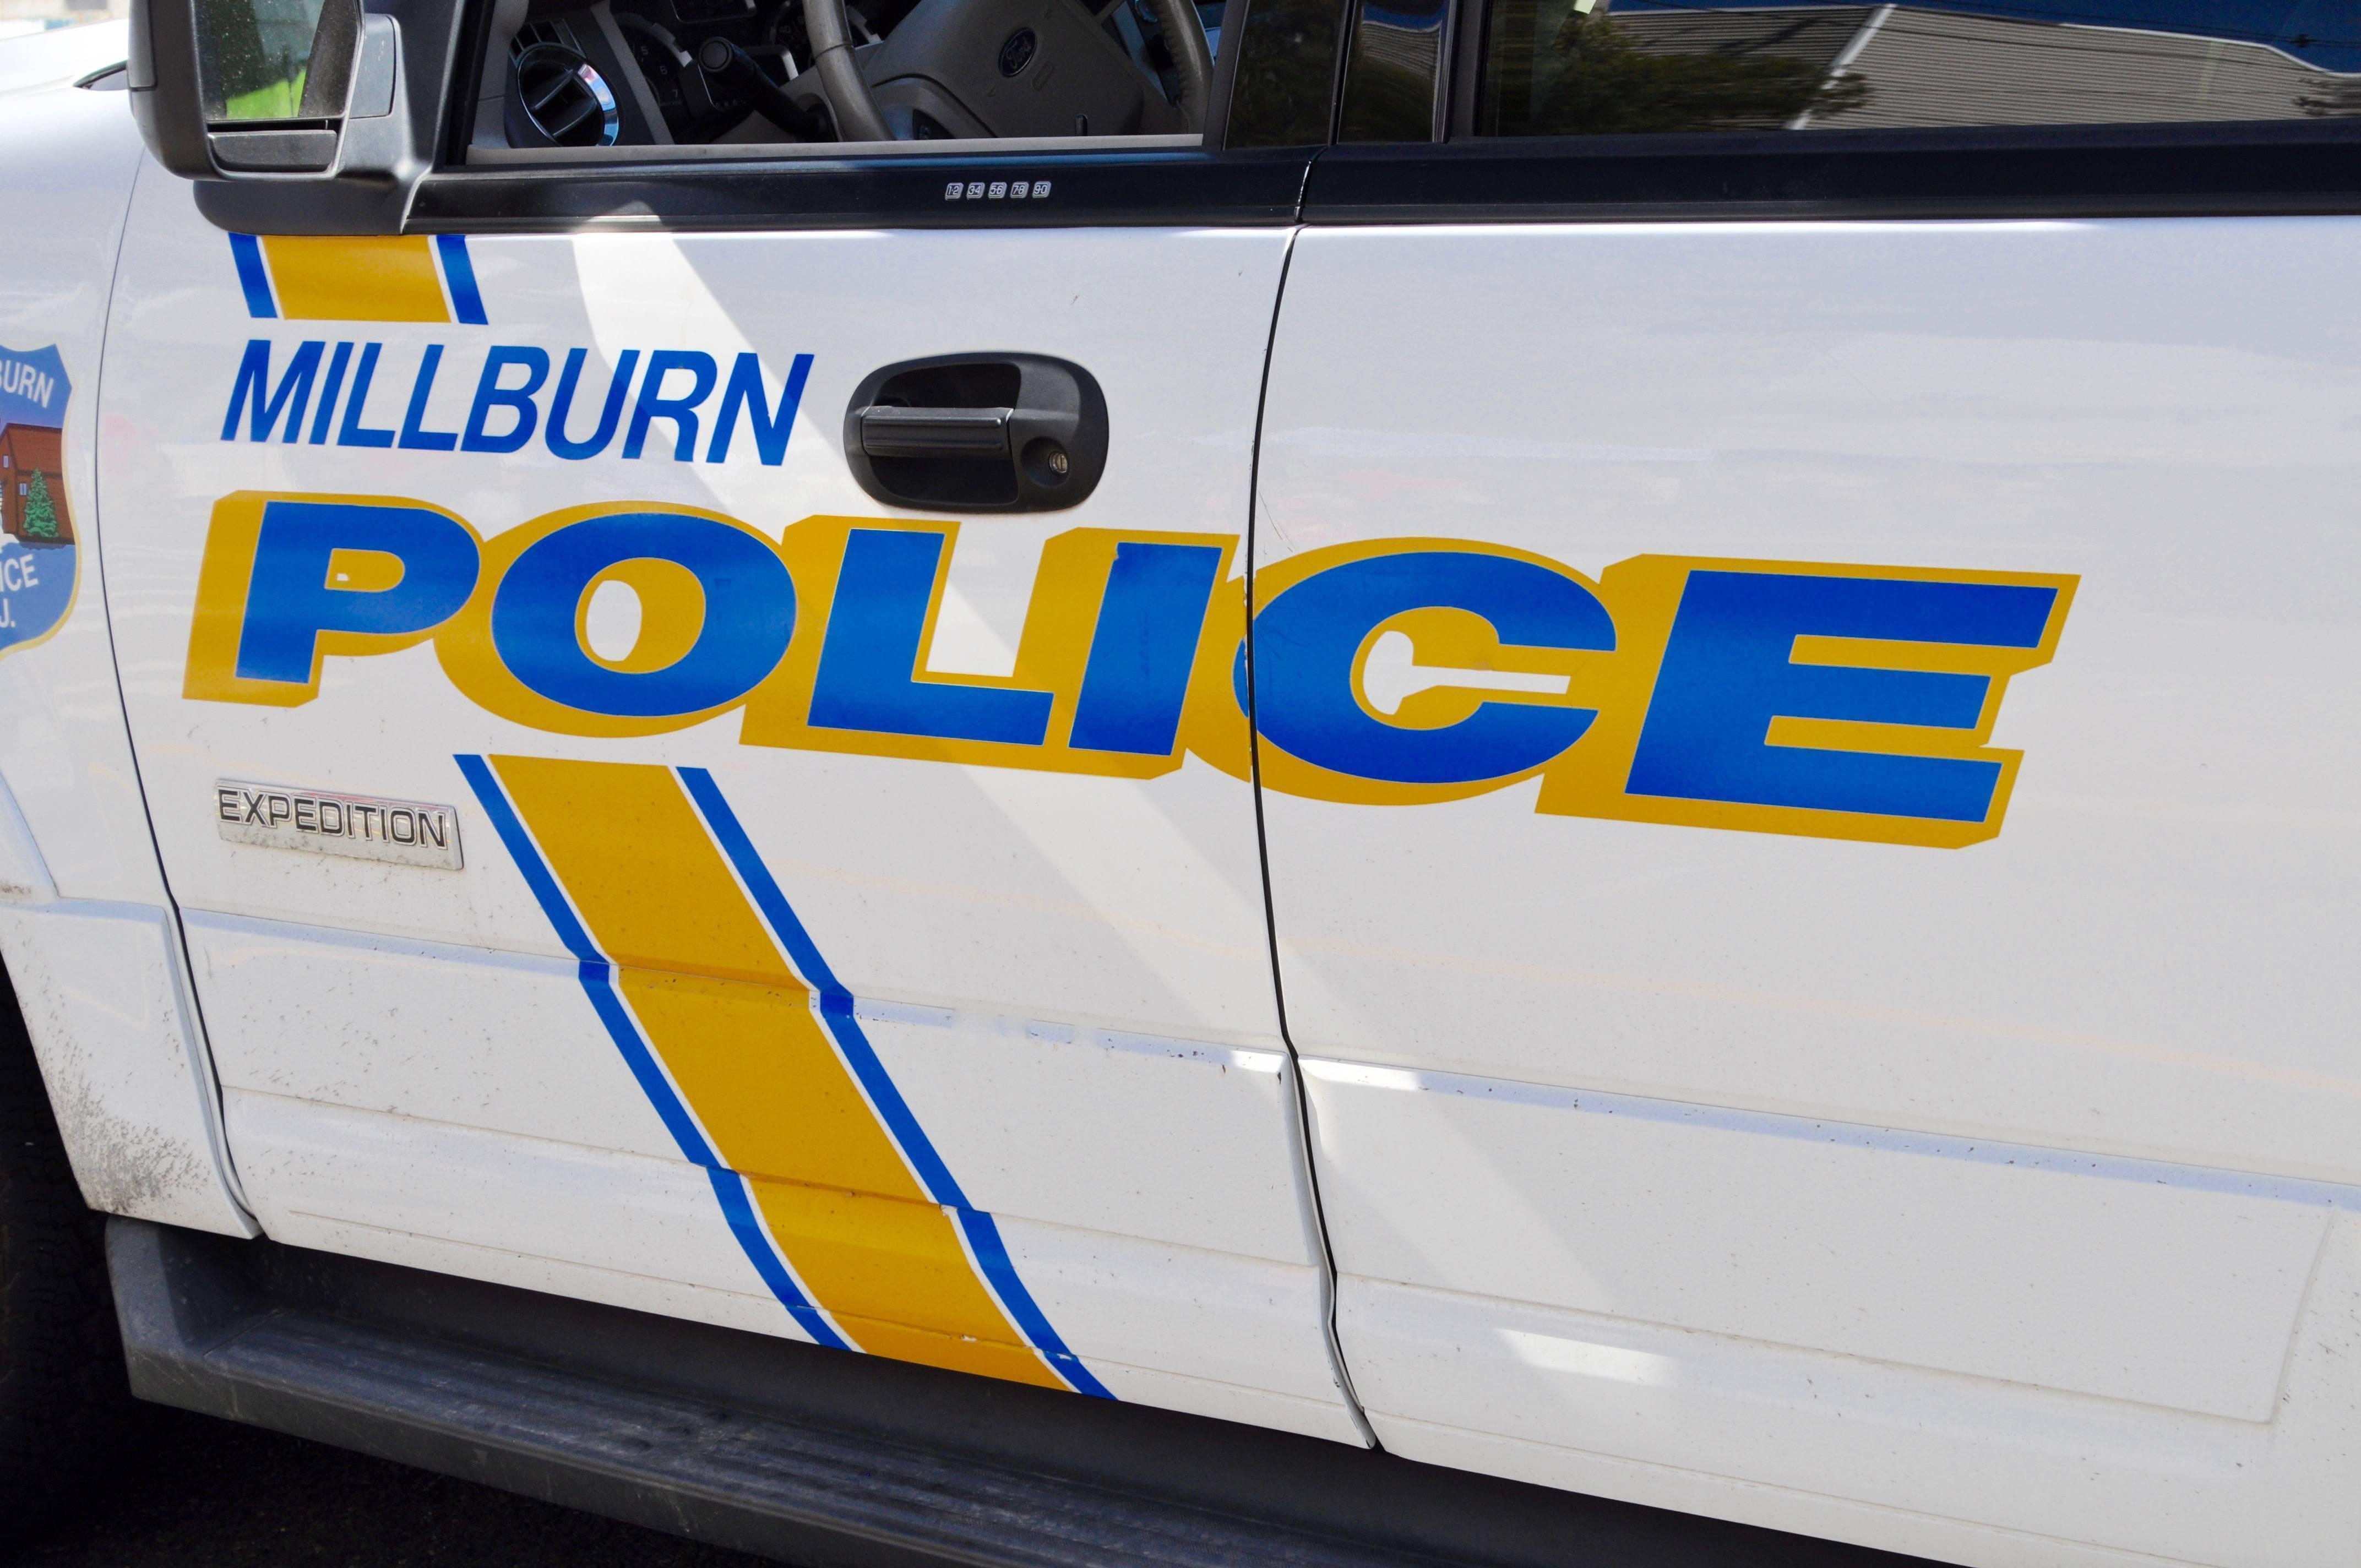 5d800939b3ef8ce7a923_1436df924fe1c206b463_millburn_police_car_photo.jpg